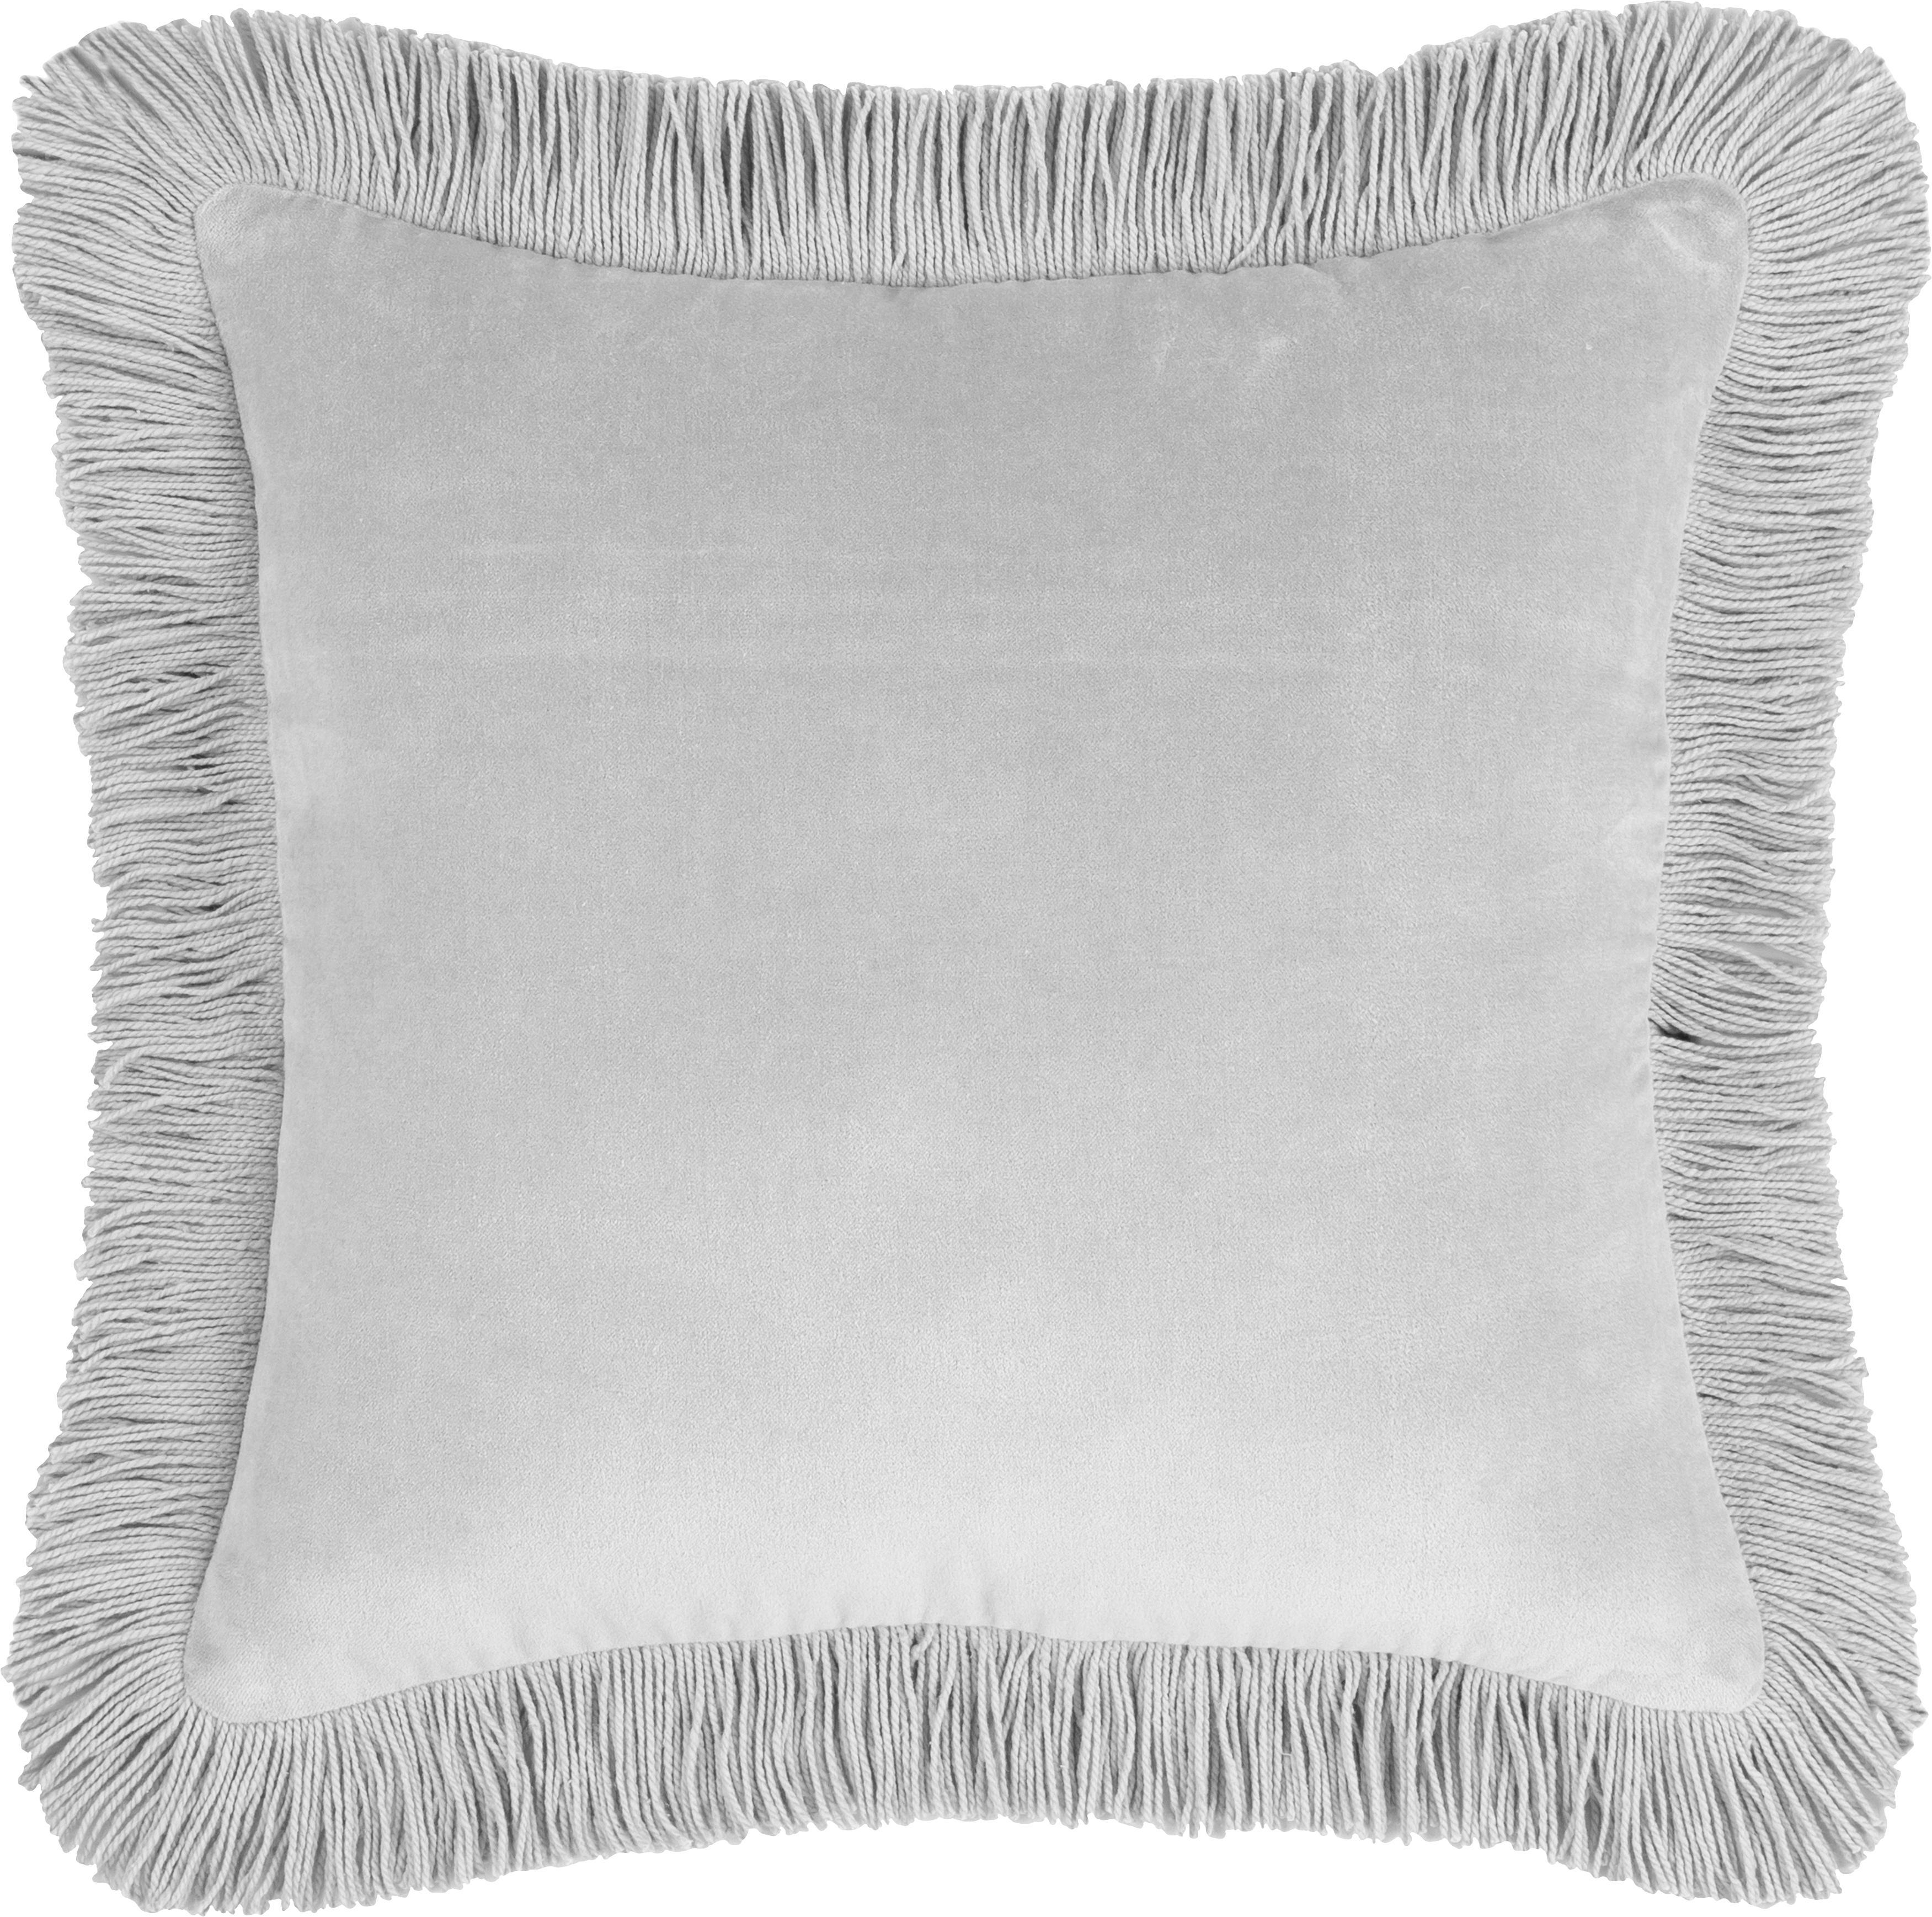 Poszewka na poduszkę z aksamitu Phoeby, Bawełna, Jasny szary, S 40 x D 40 cm